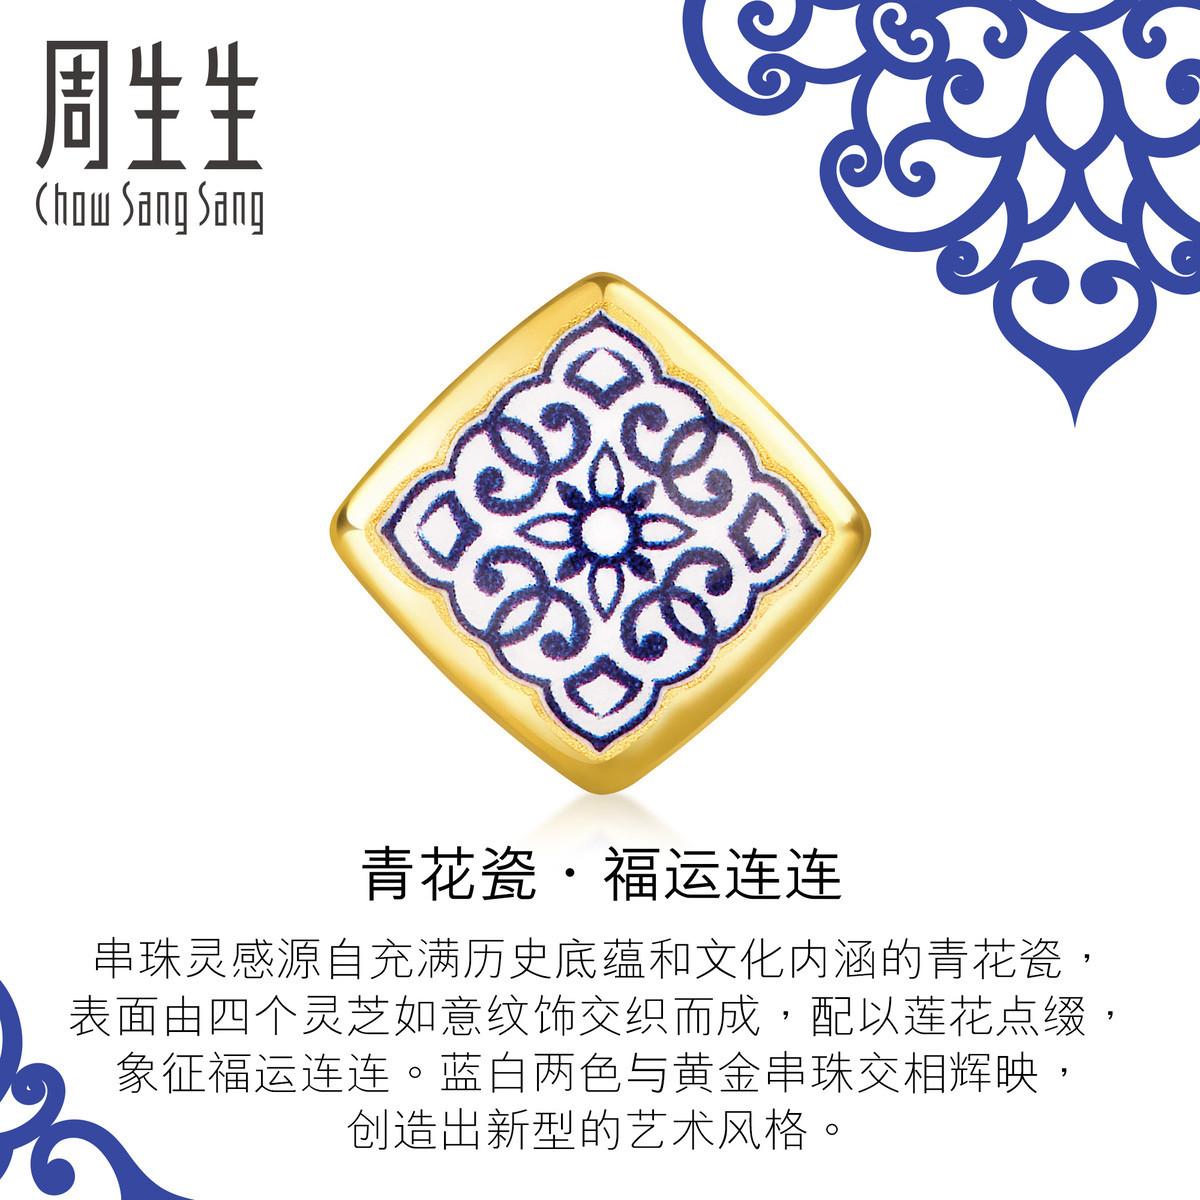 周生生周生生黄金(足金)文化祝福青花瓷转运珠(配绳需另购)91747CB000001如图